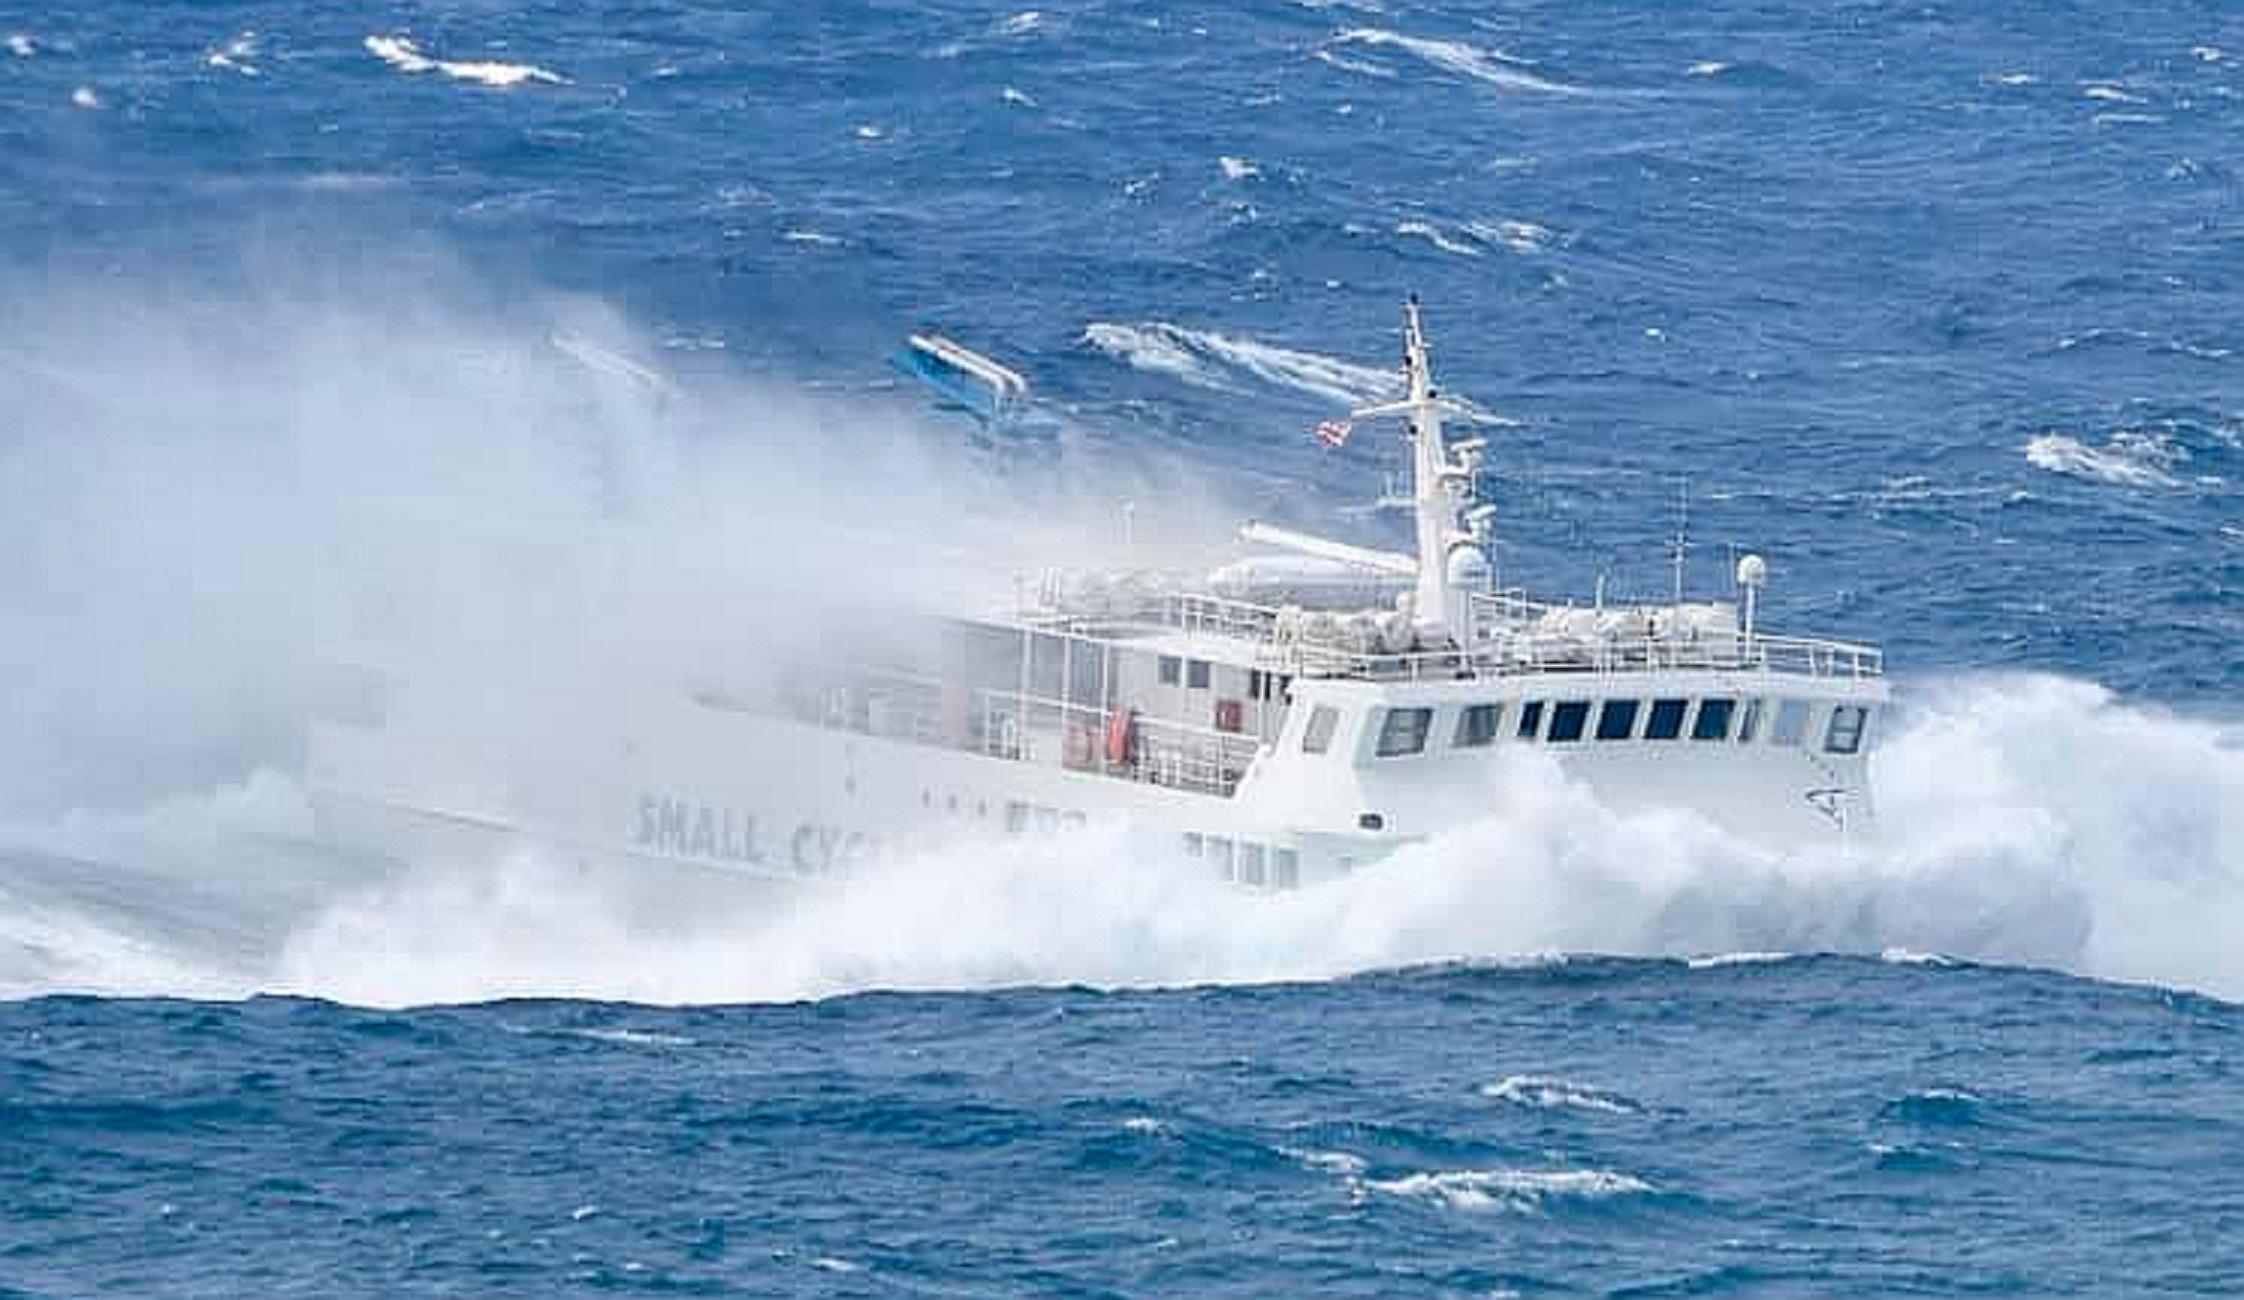 """Κυκλάδες: Η στιγμή που το πλοίο """"Εξπρές Σκοπελίτης"""" βουτάει και χορεύει στα κύματα! Δείτε τις εικόνες"""